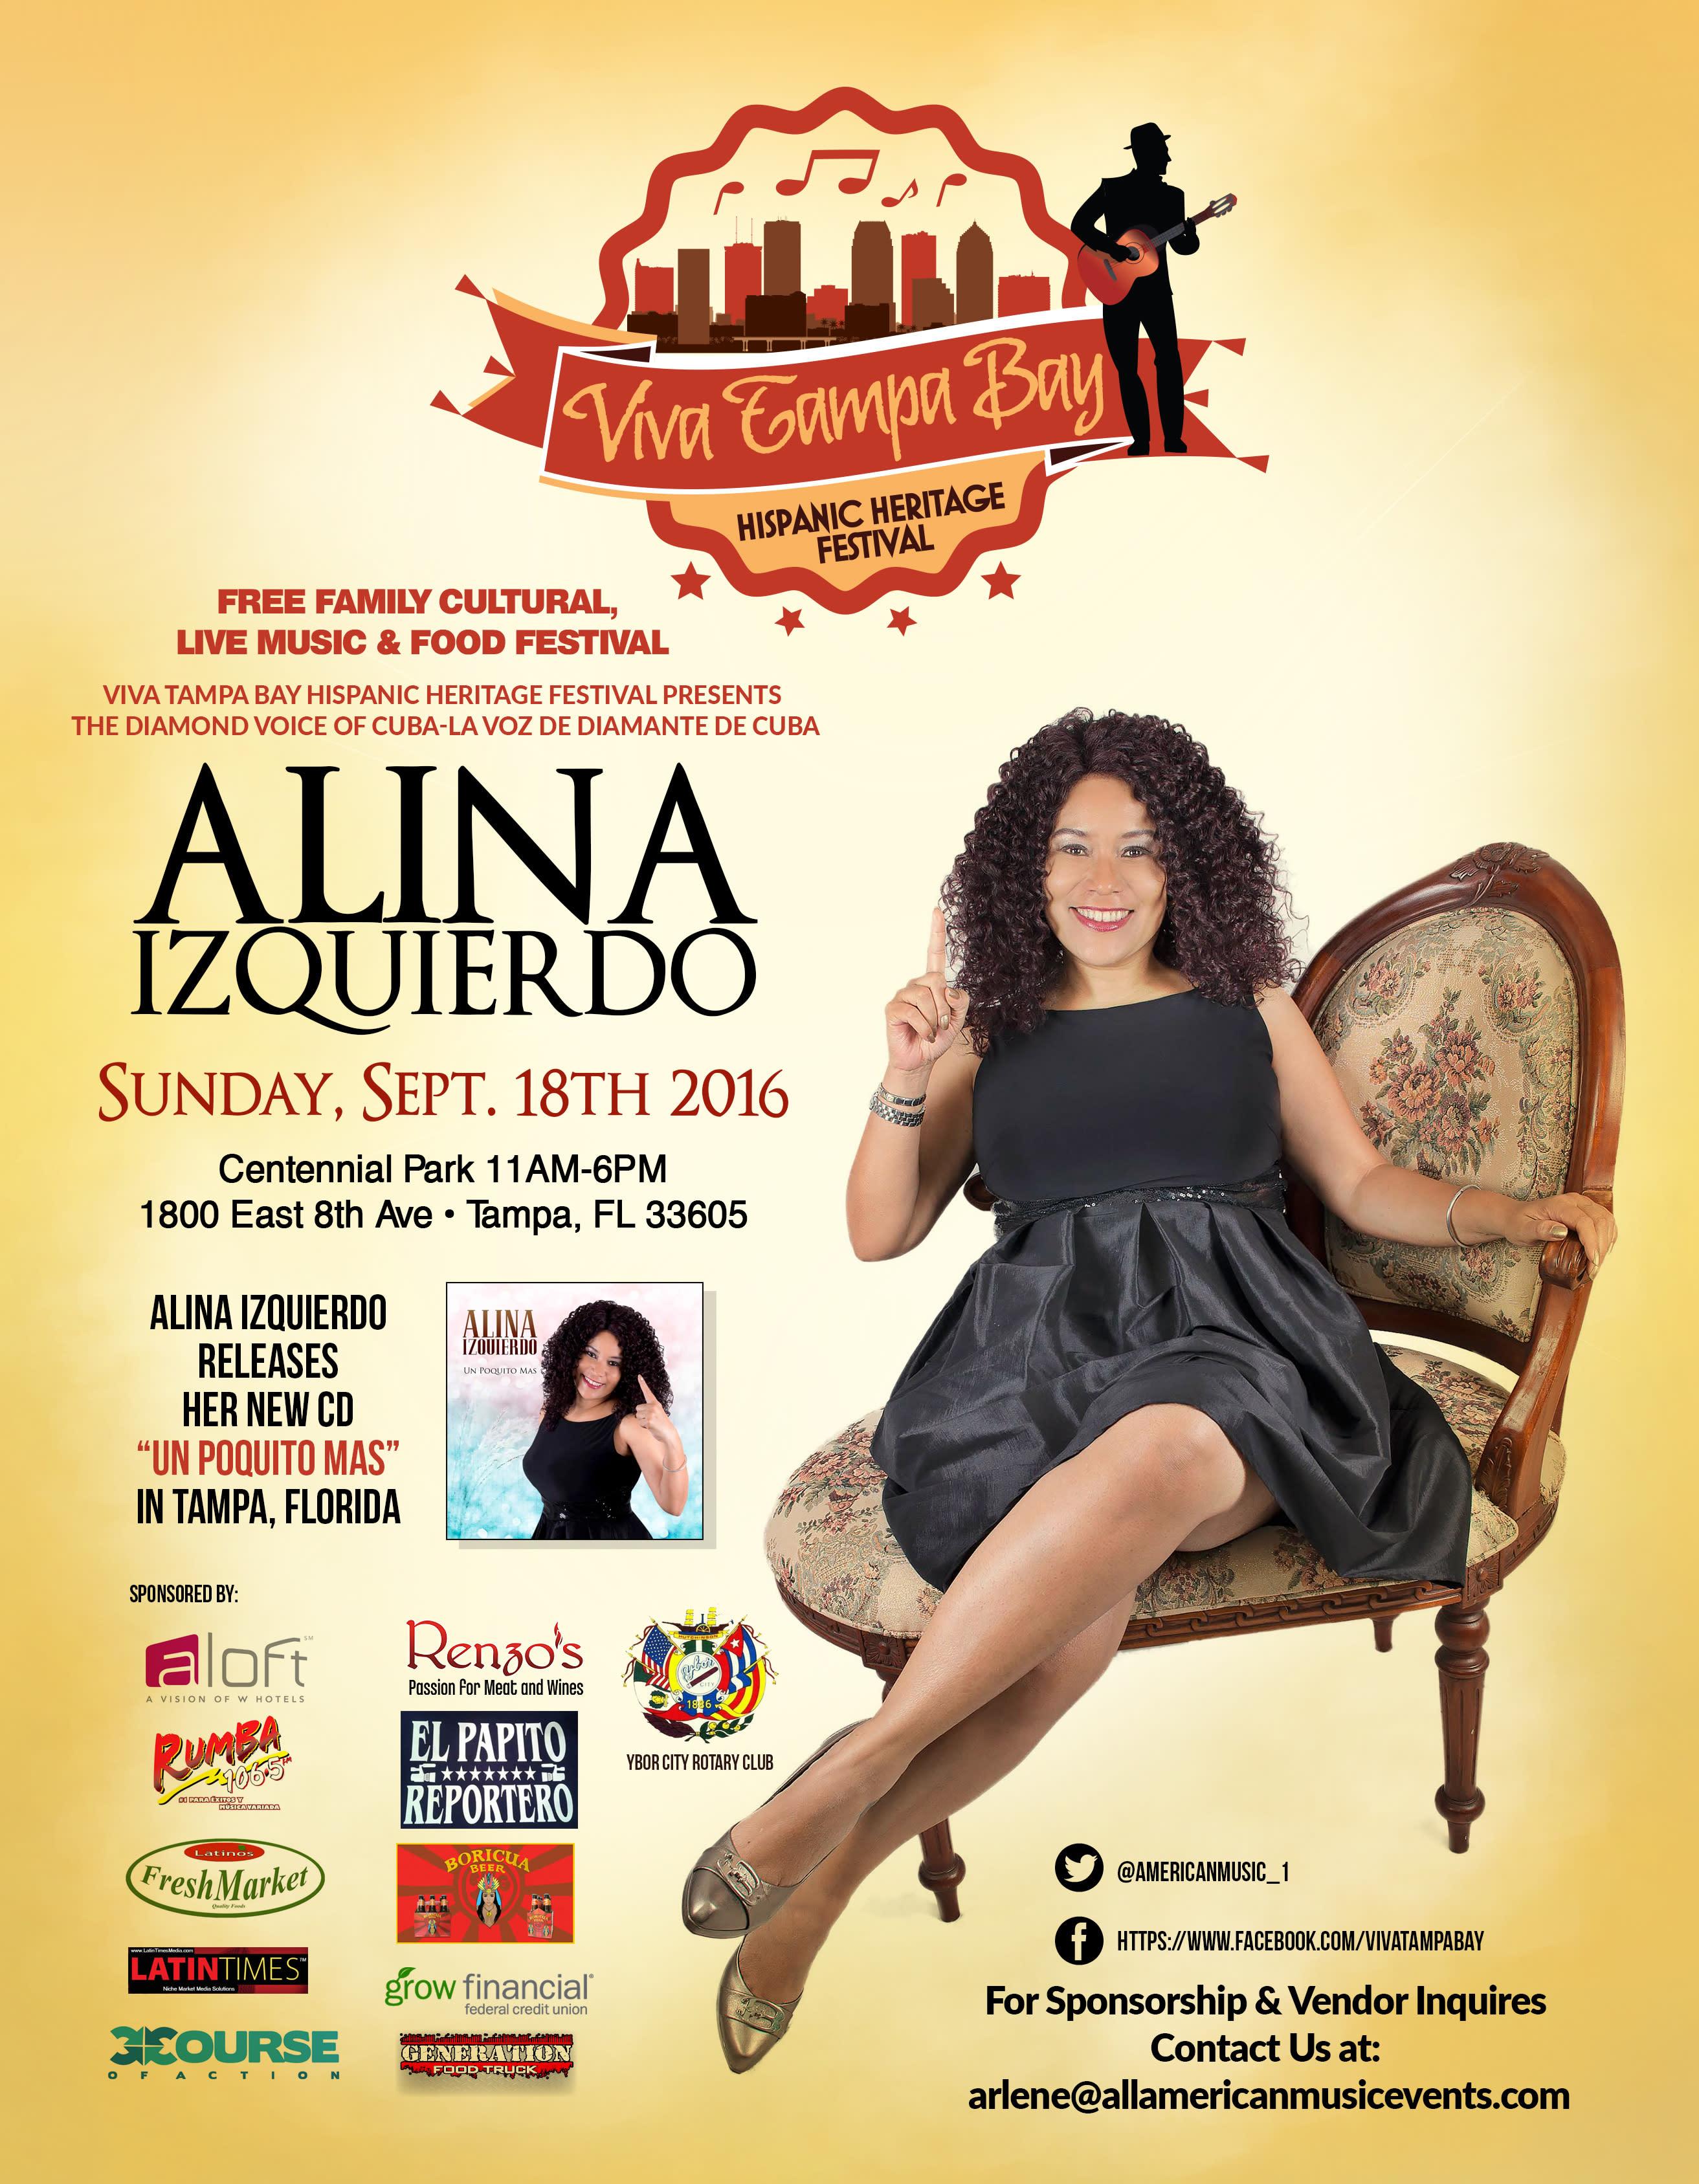 ViVa Tampa Bay Hispanic Heritage Festival 2016